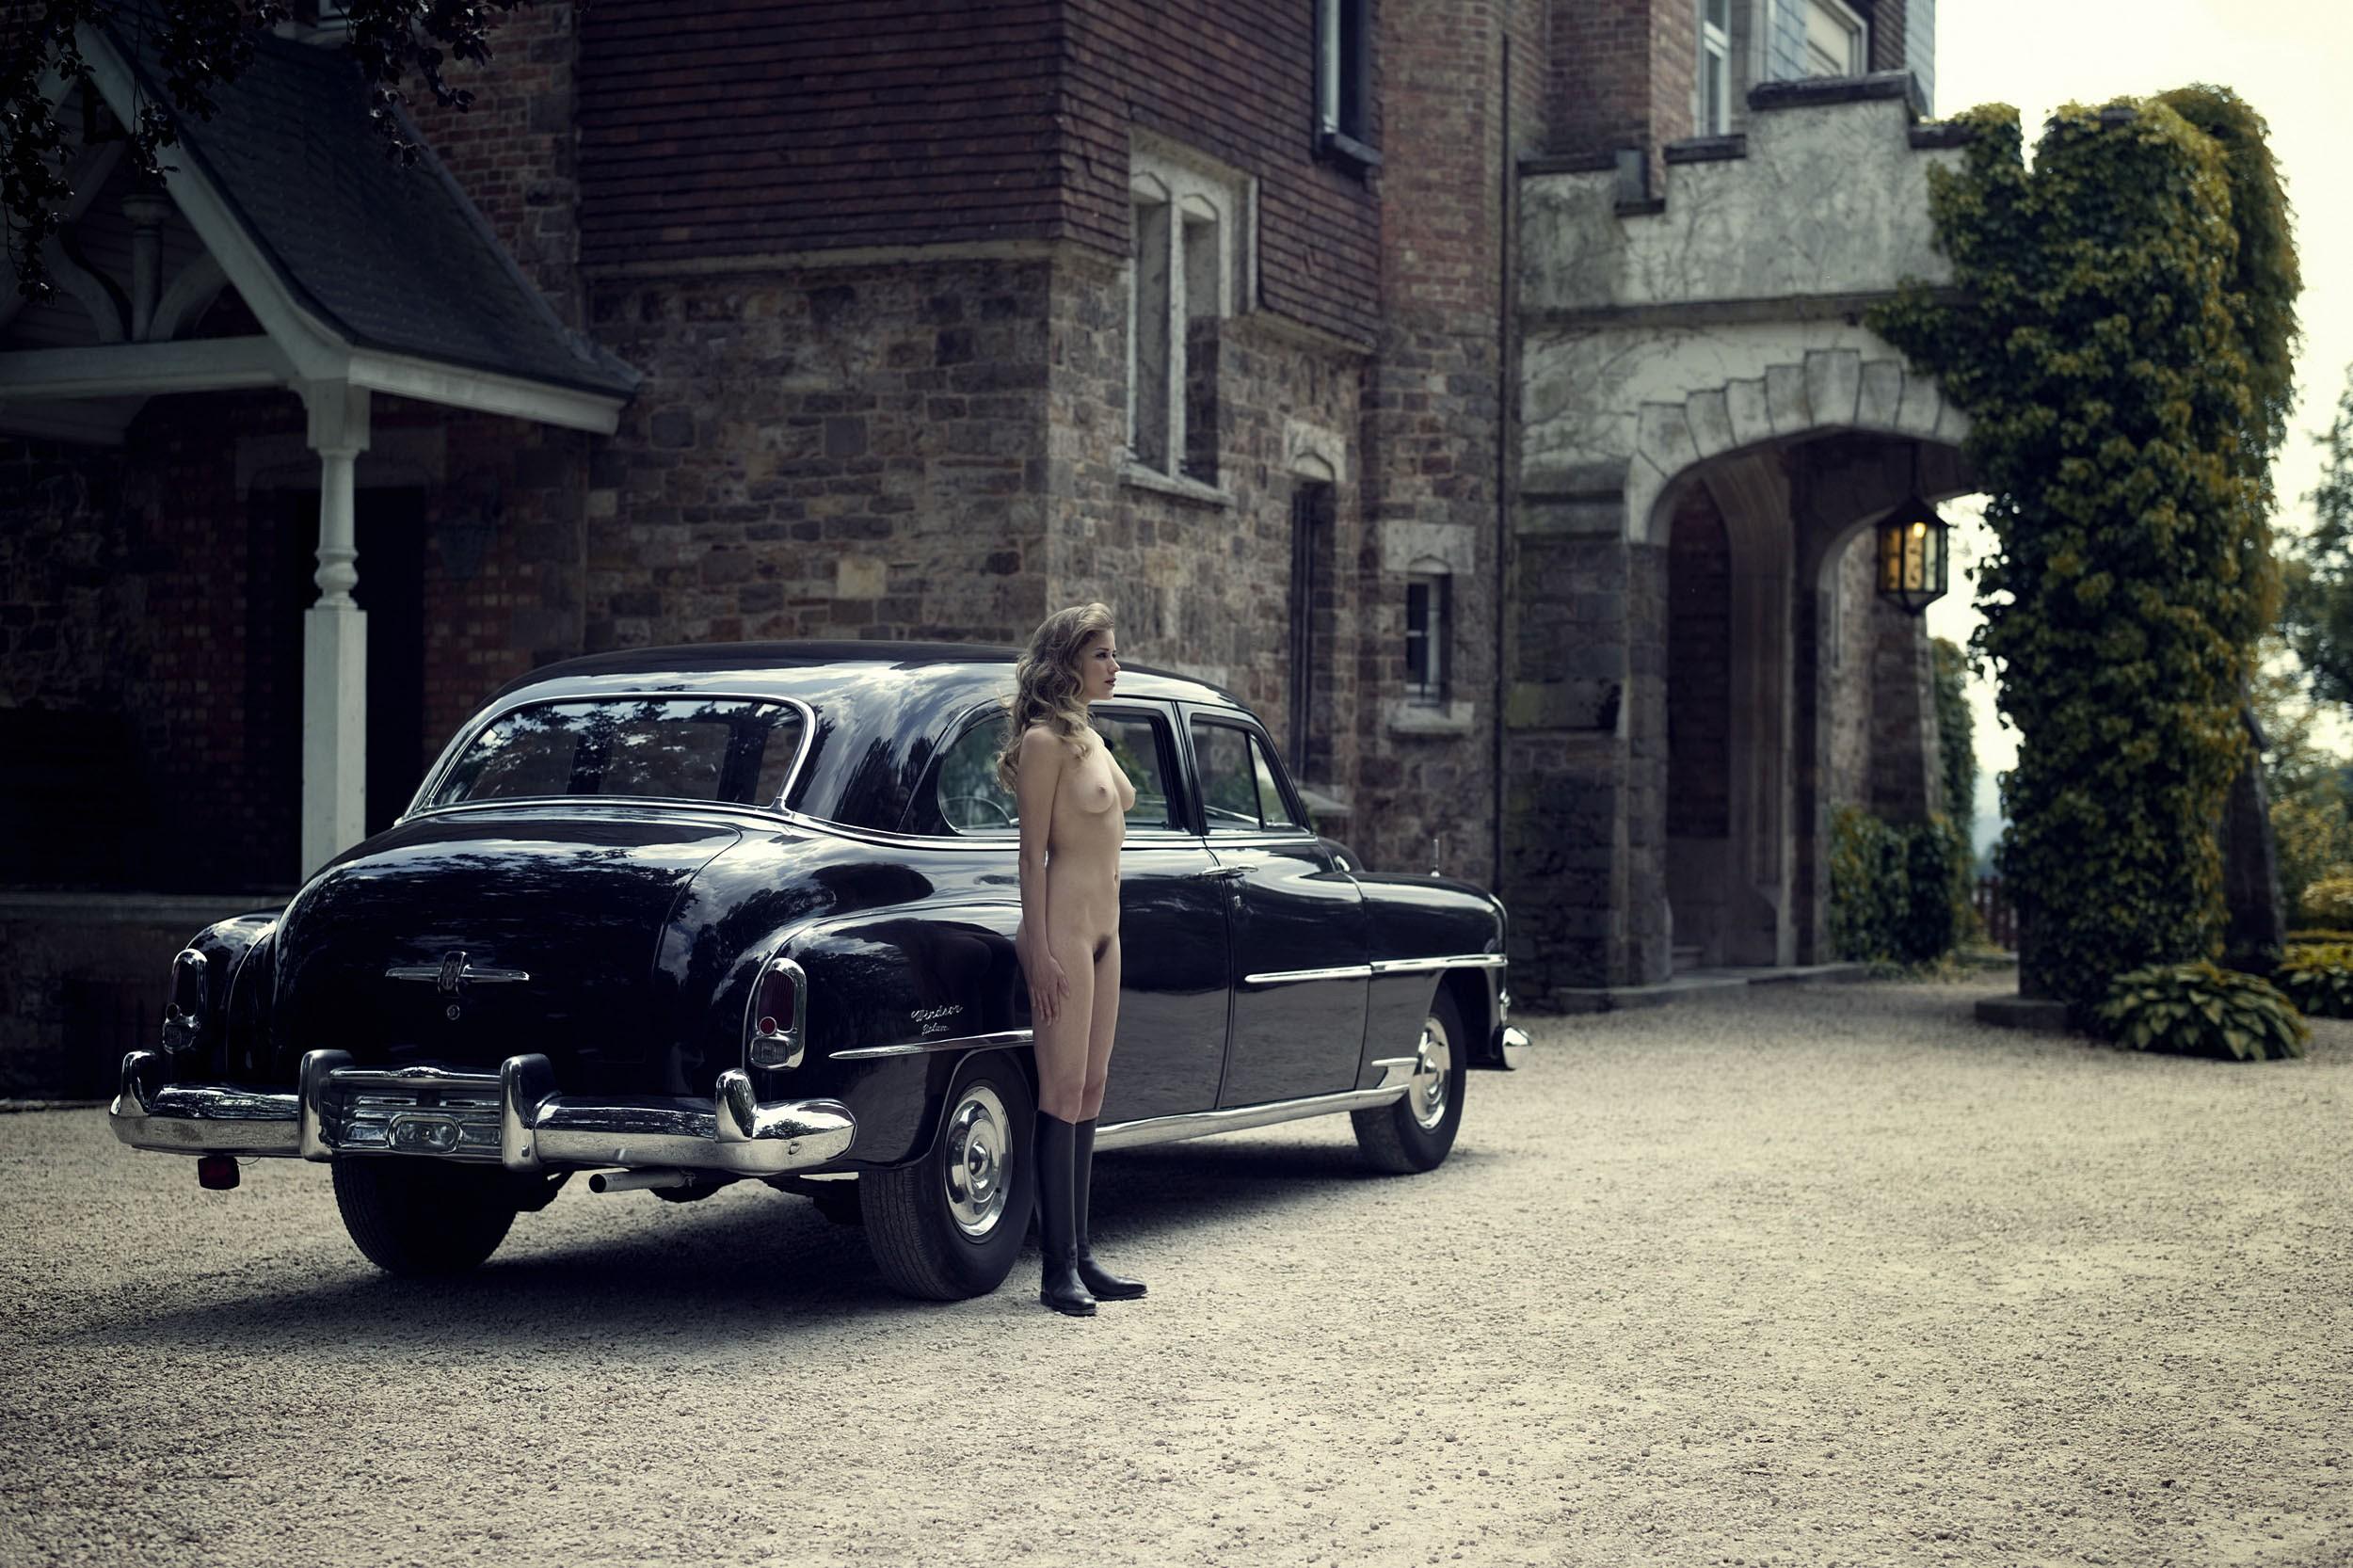 Ретро автомобили и голые женщины 6 фотография